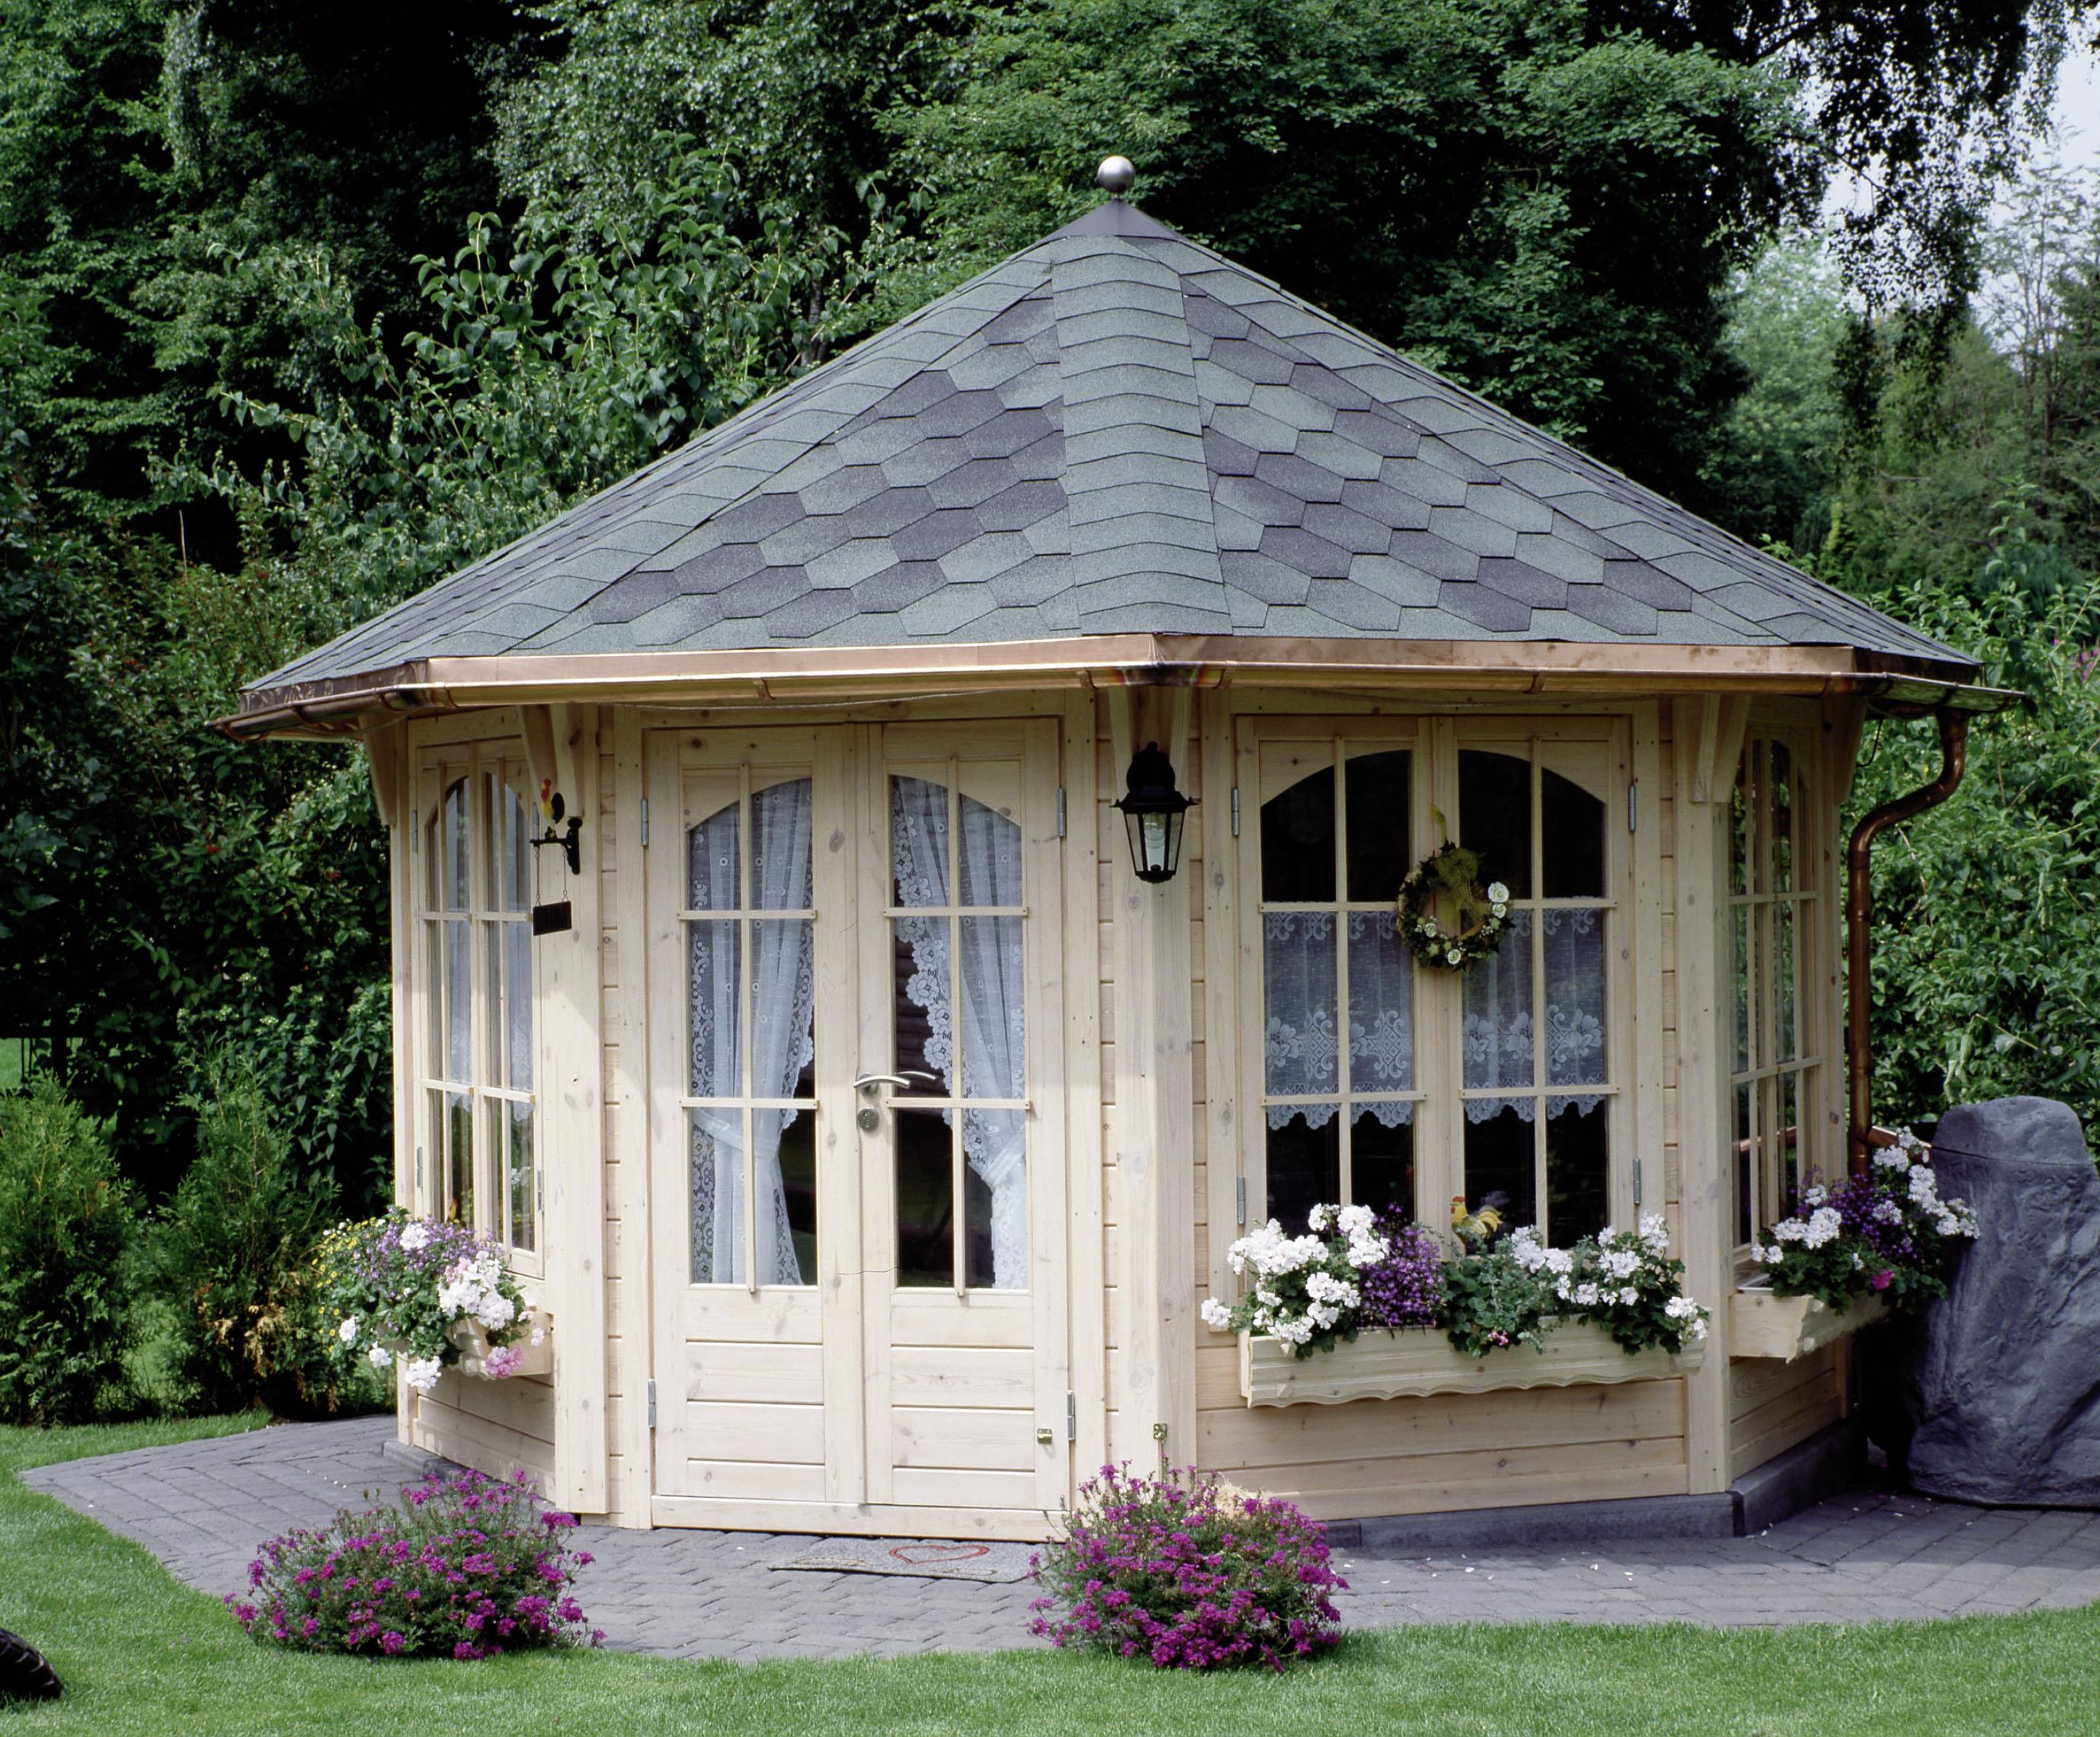 5 Eck Gartenhaus Mit Anbau. Best Gartenhaus Ist Nicht Gleich